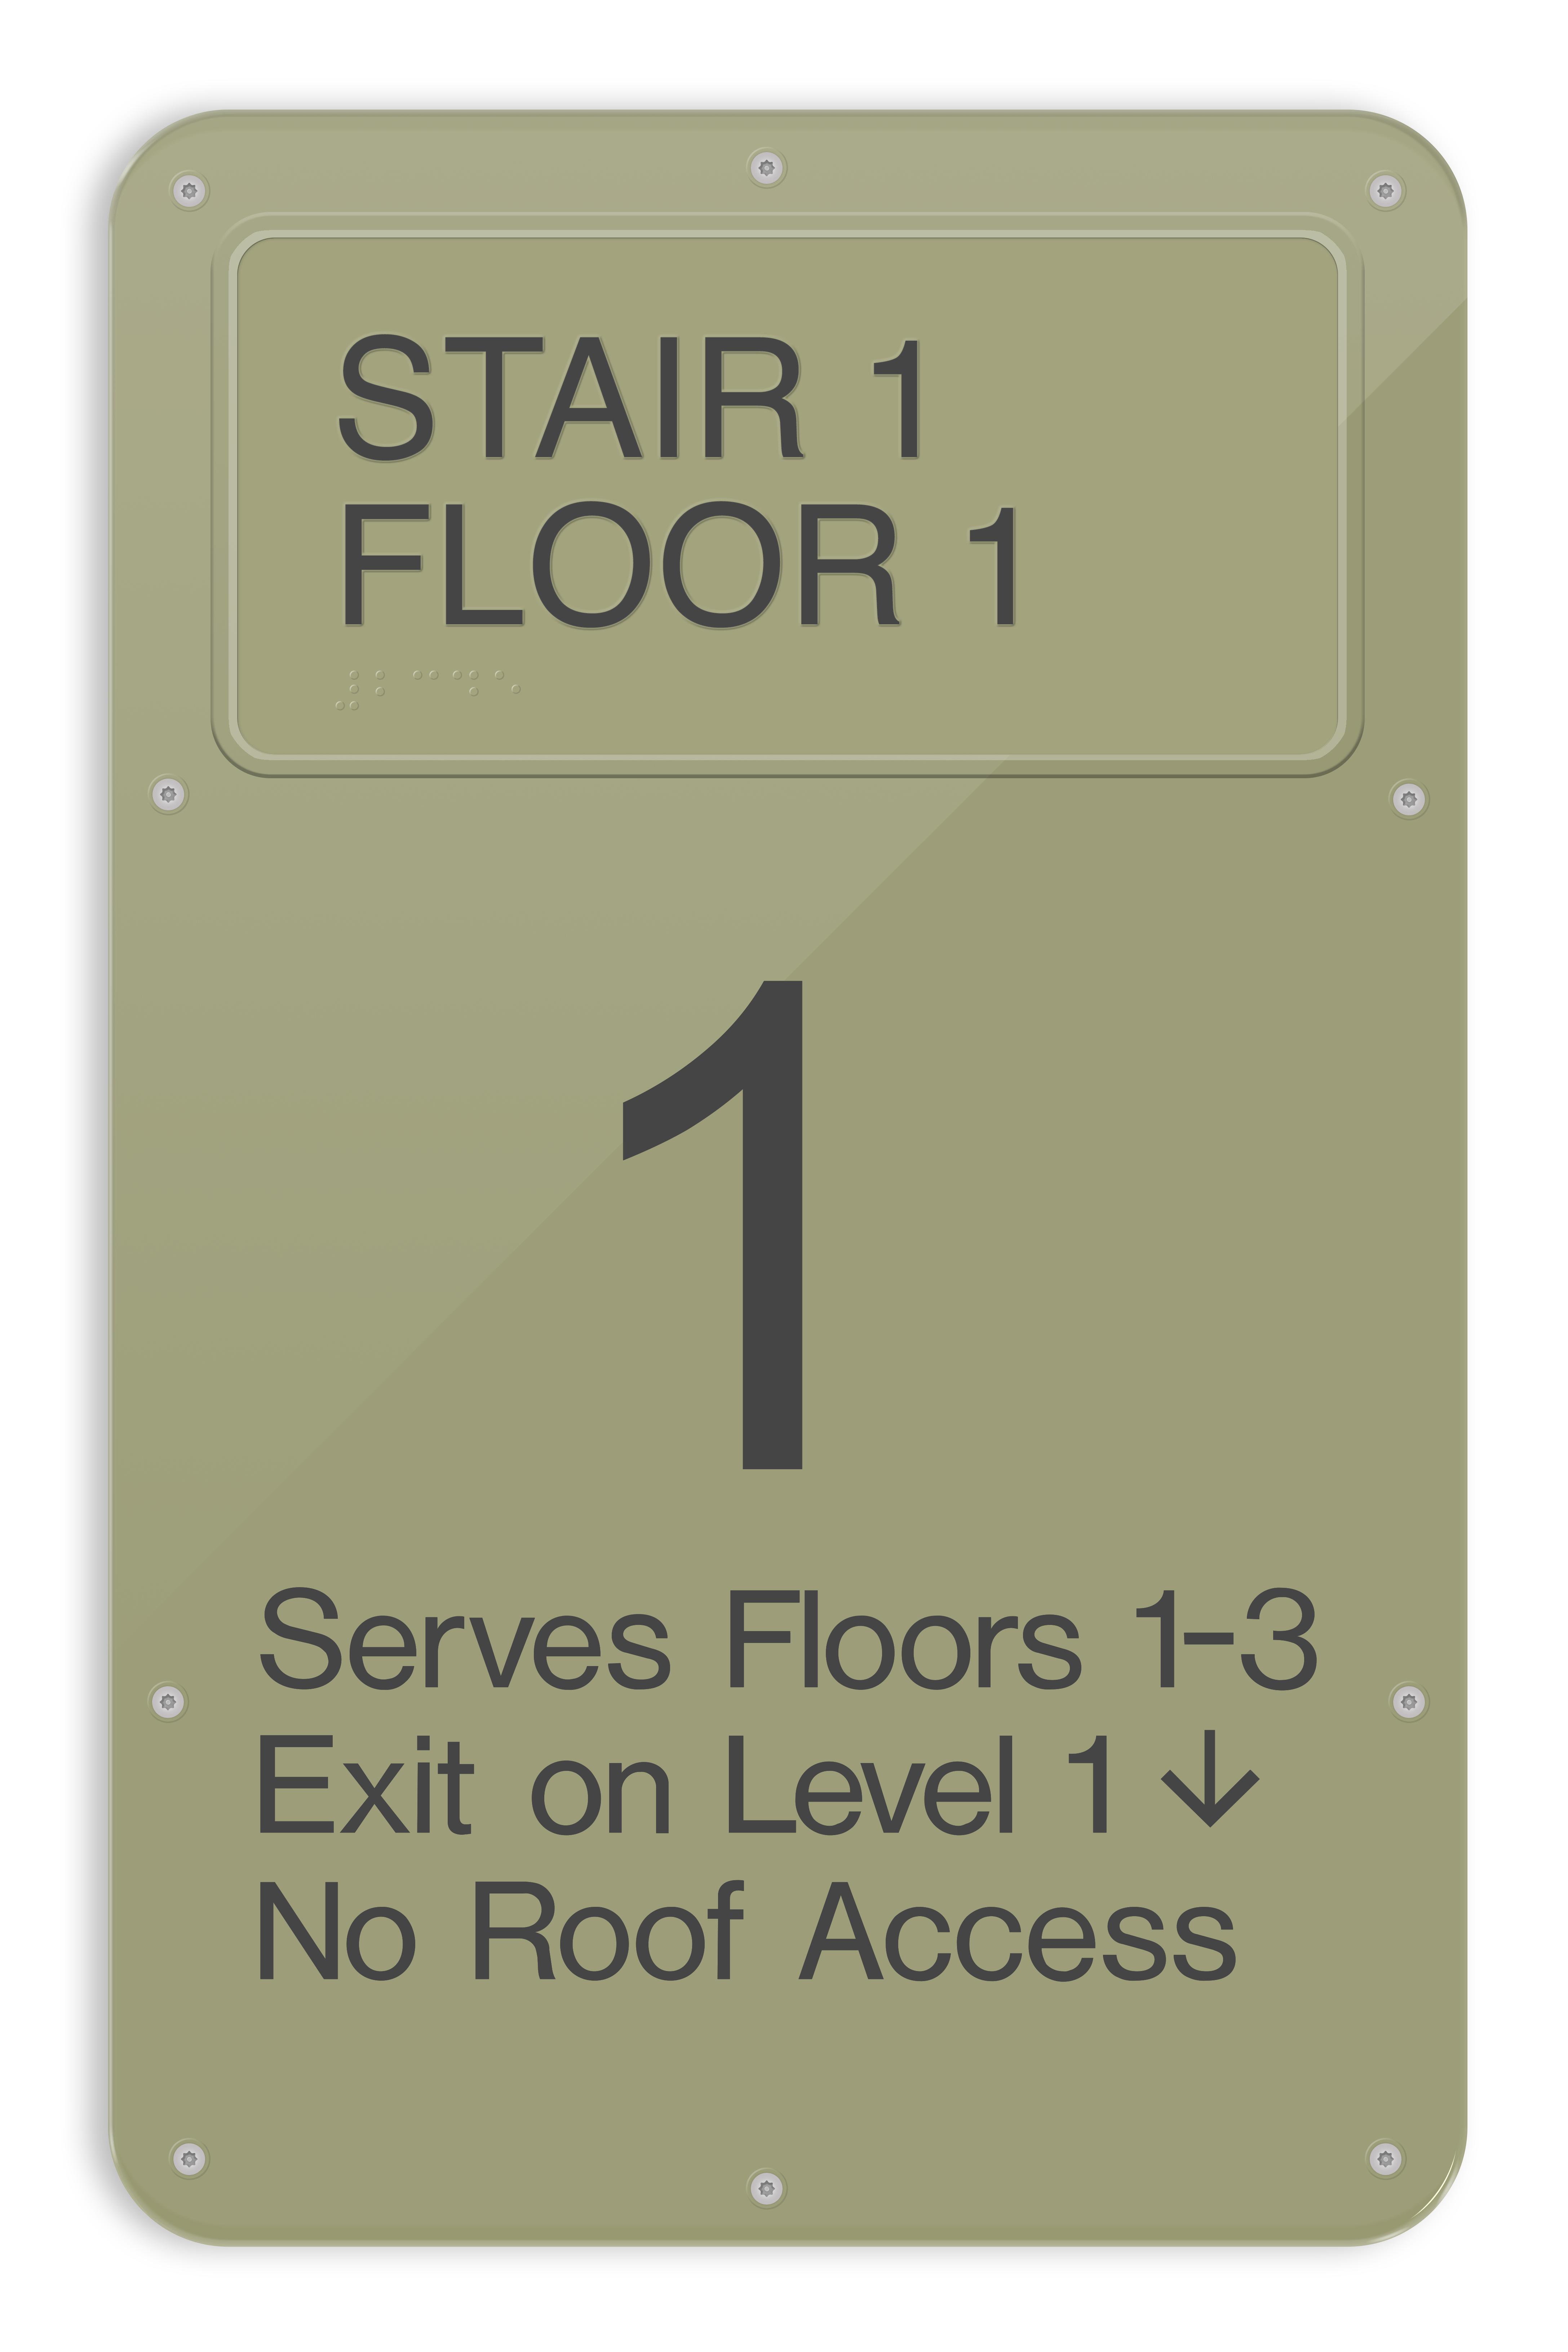 SC14 ADA Regulatory Stairwell